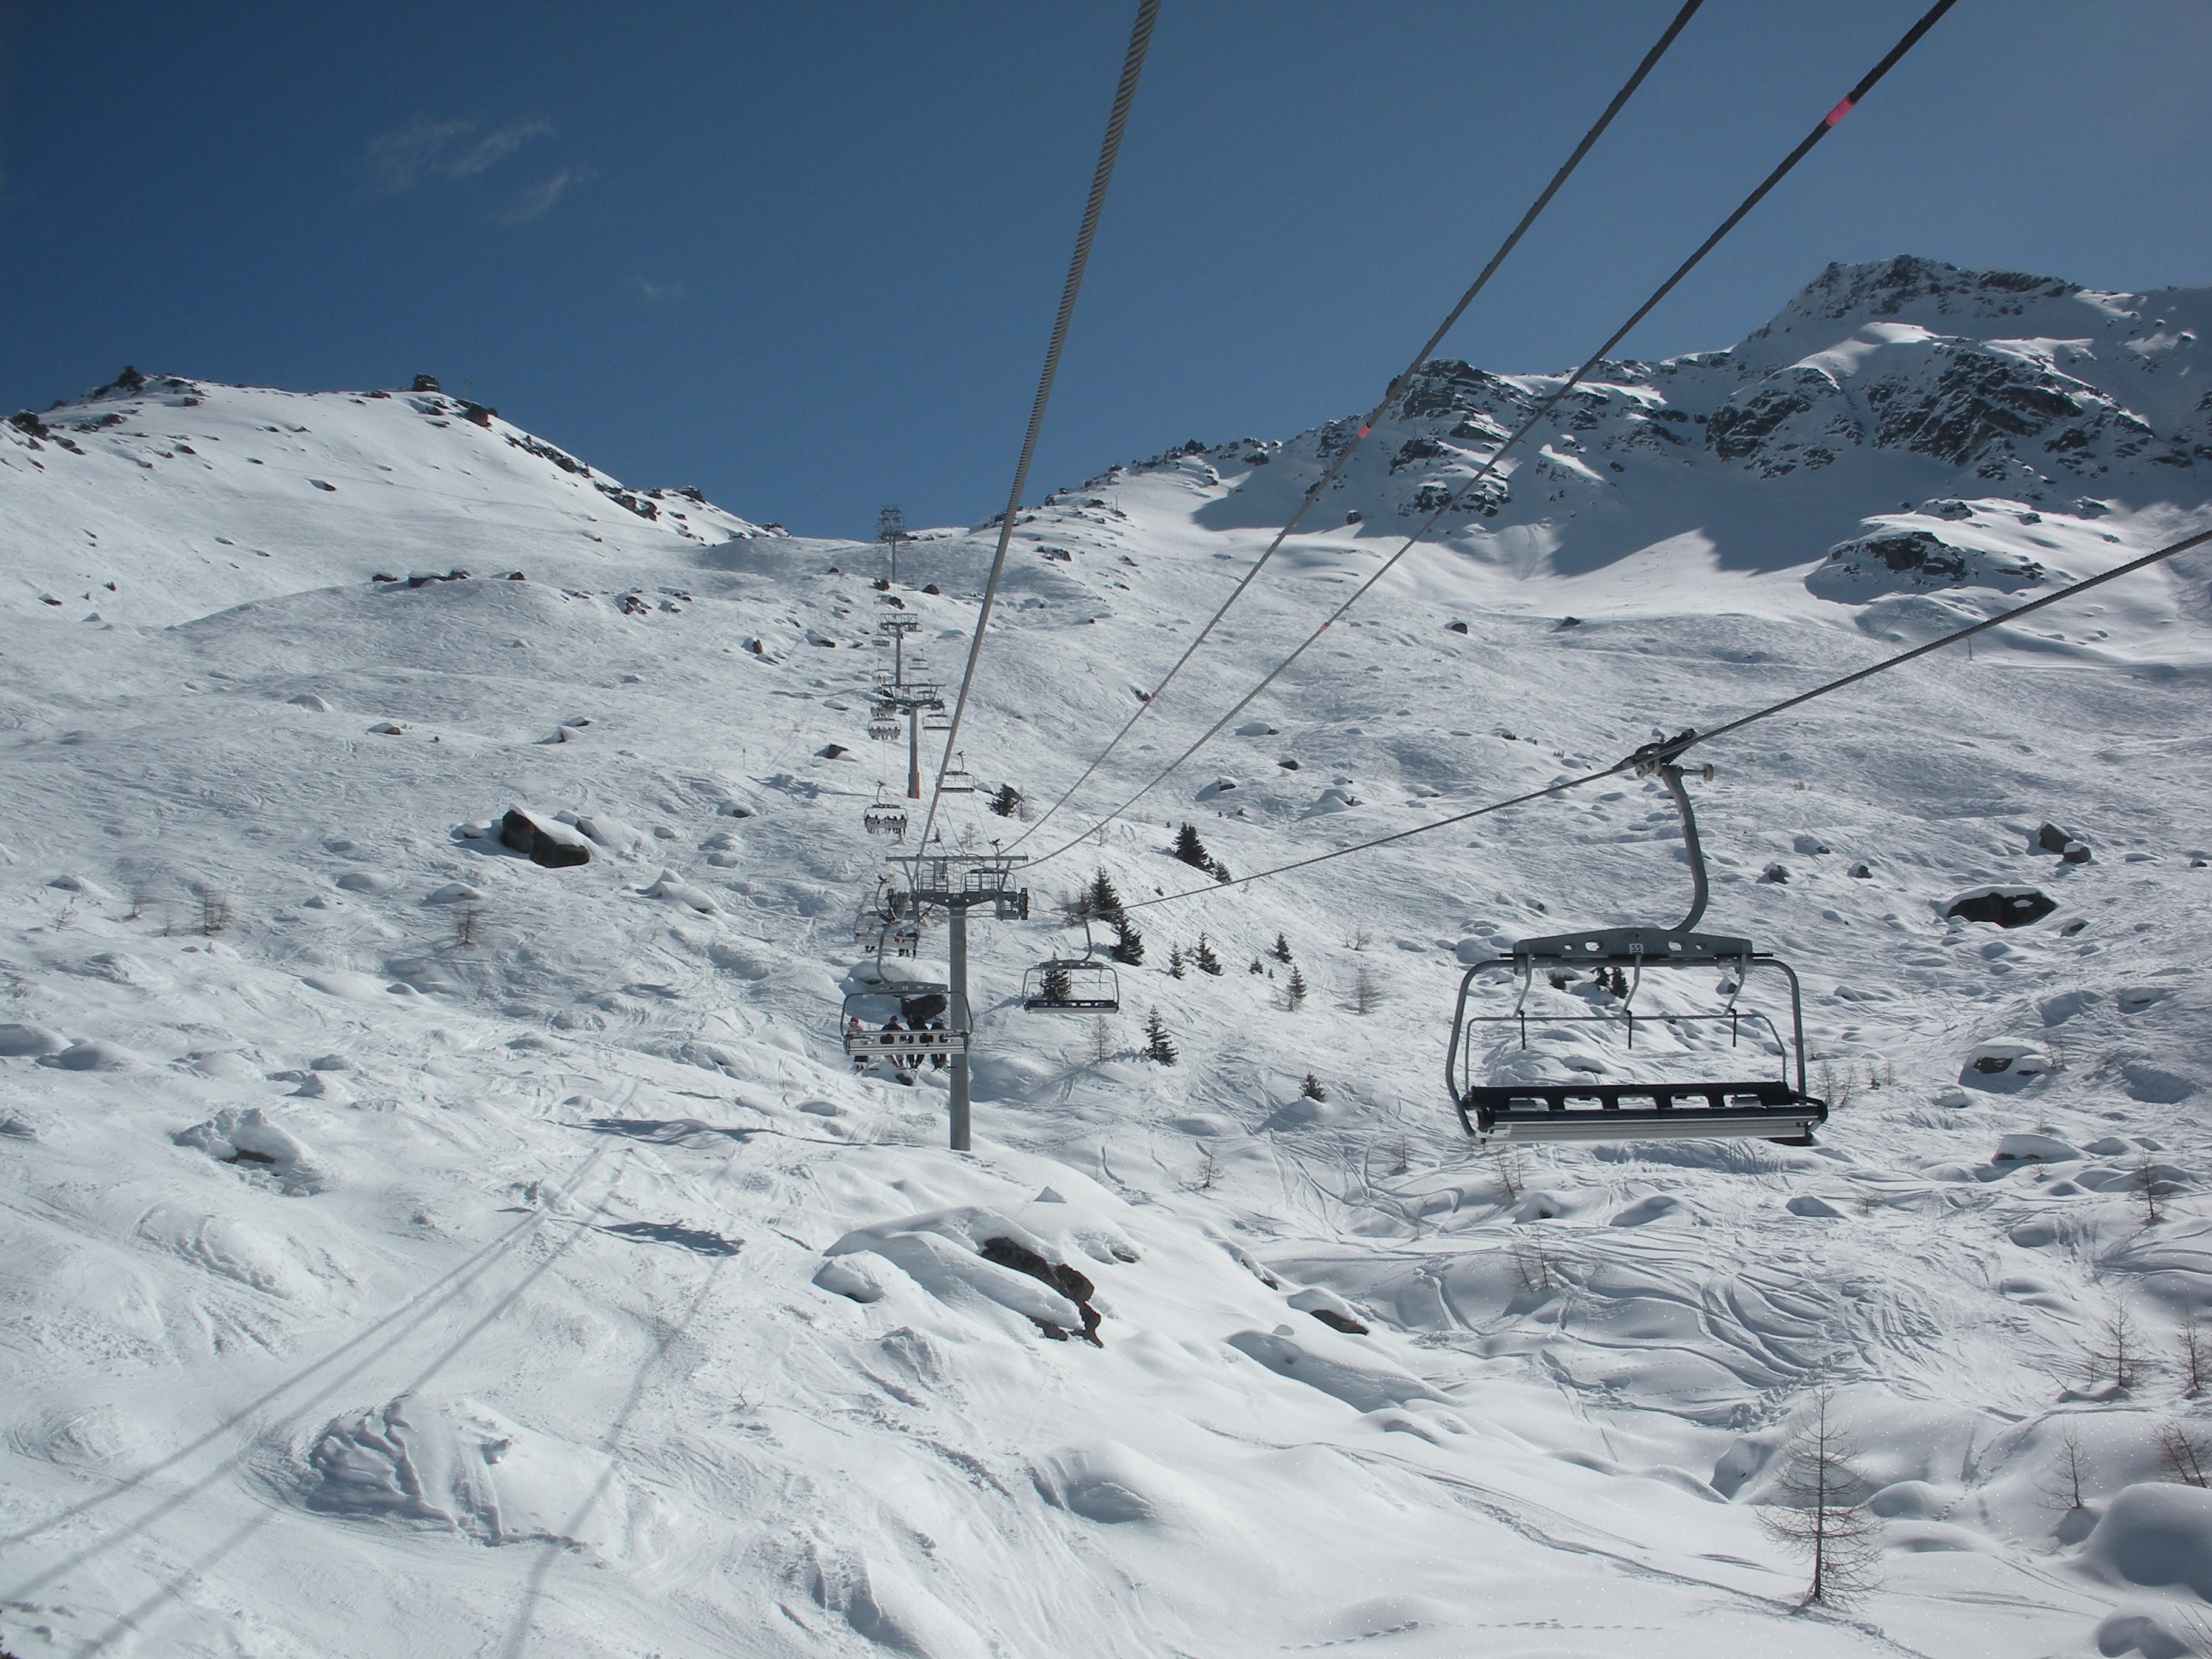 sainte foy - ski club of great britain